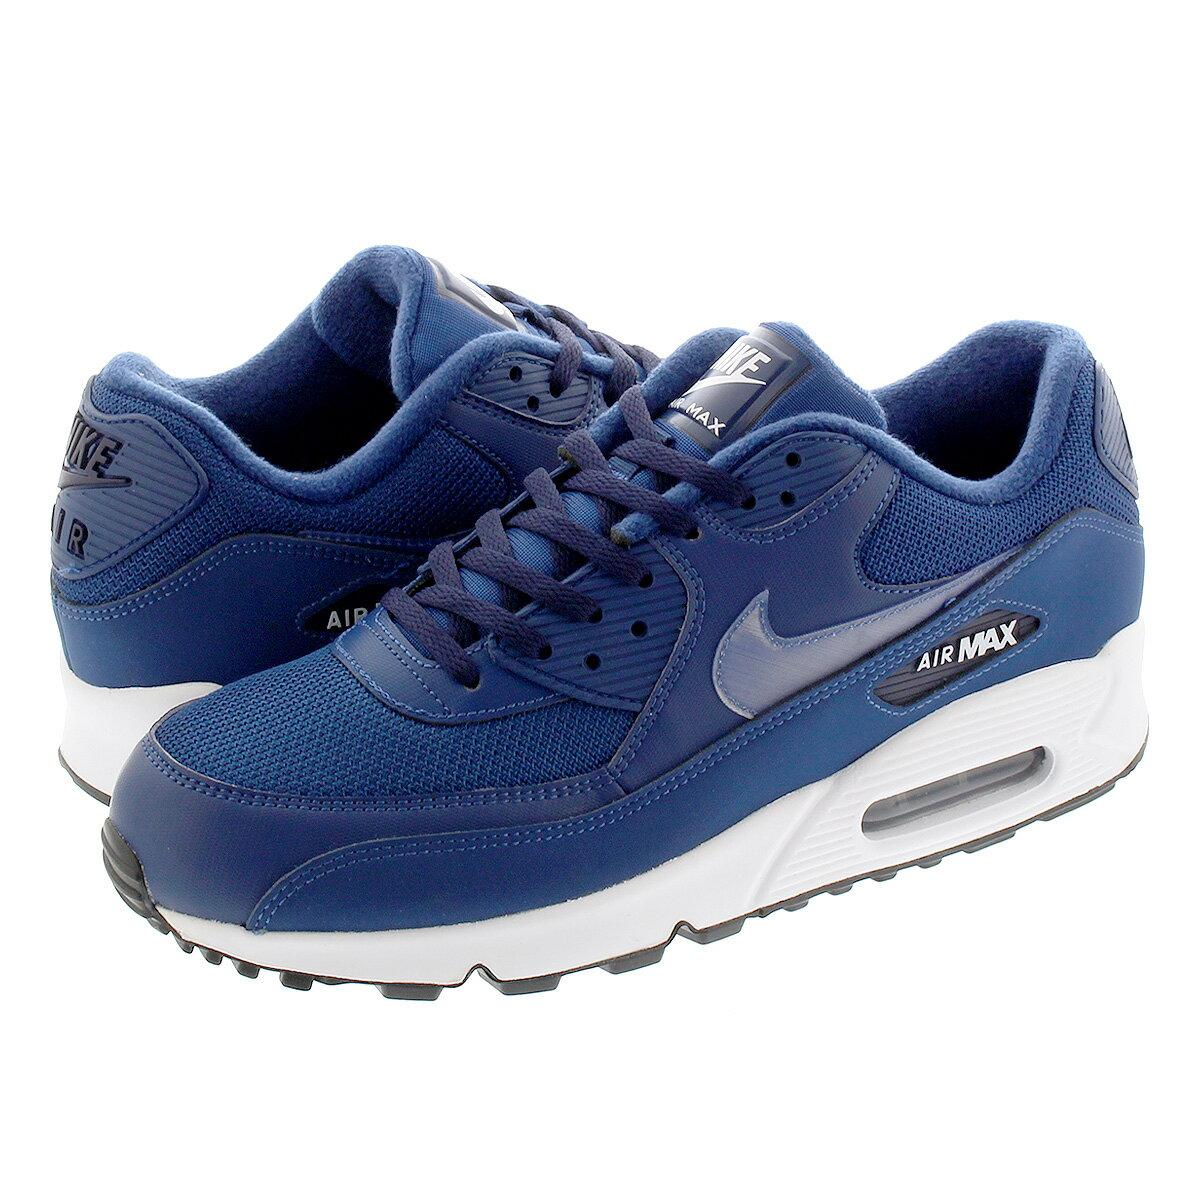 メンズ靴, スニーカー NIKE AIR MAX 90 ESSENTIAL 90 MIDNIGHT NAVYWHITE aj1285-406